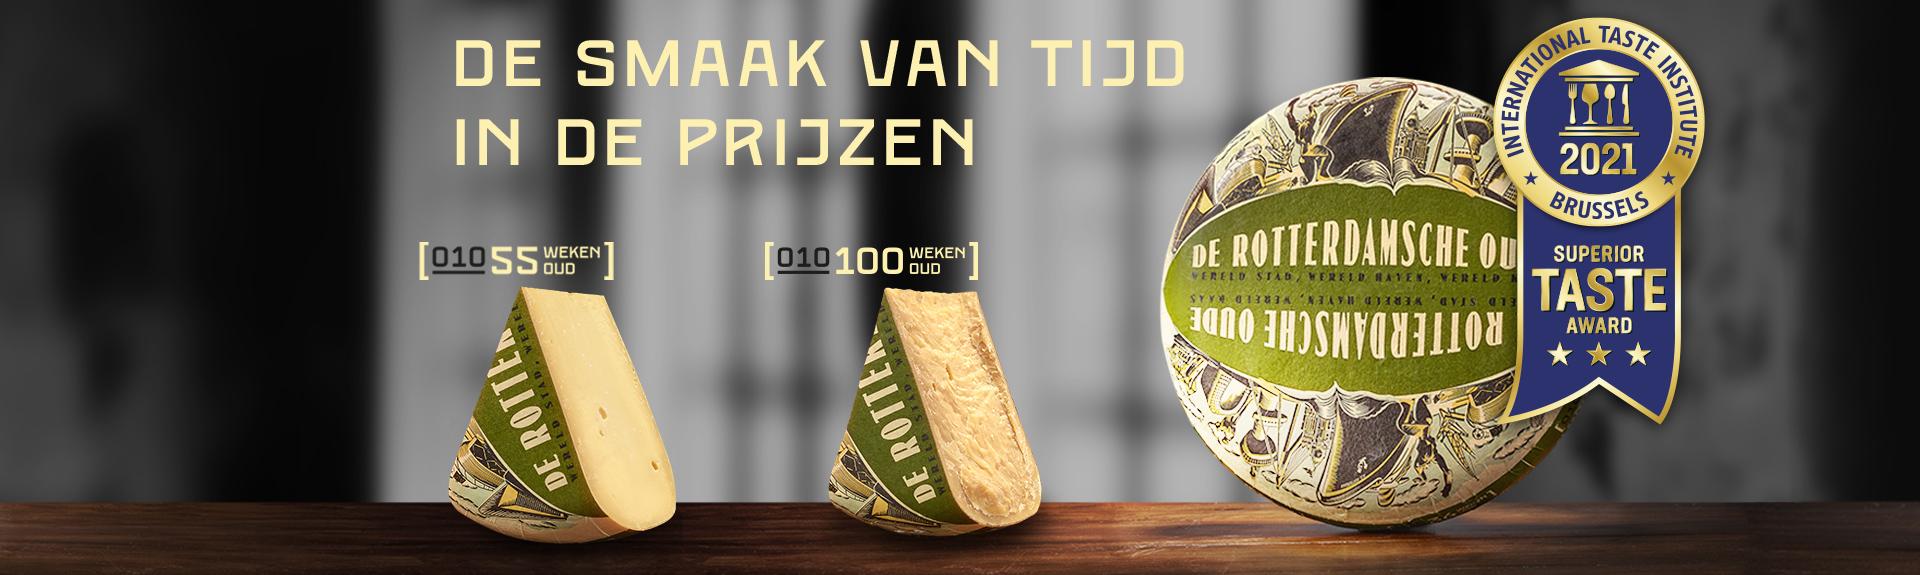 De Rotterdamsche Oude Superior Taste Awards 2021